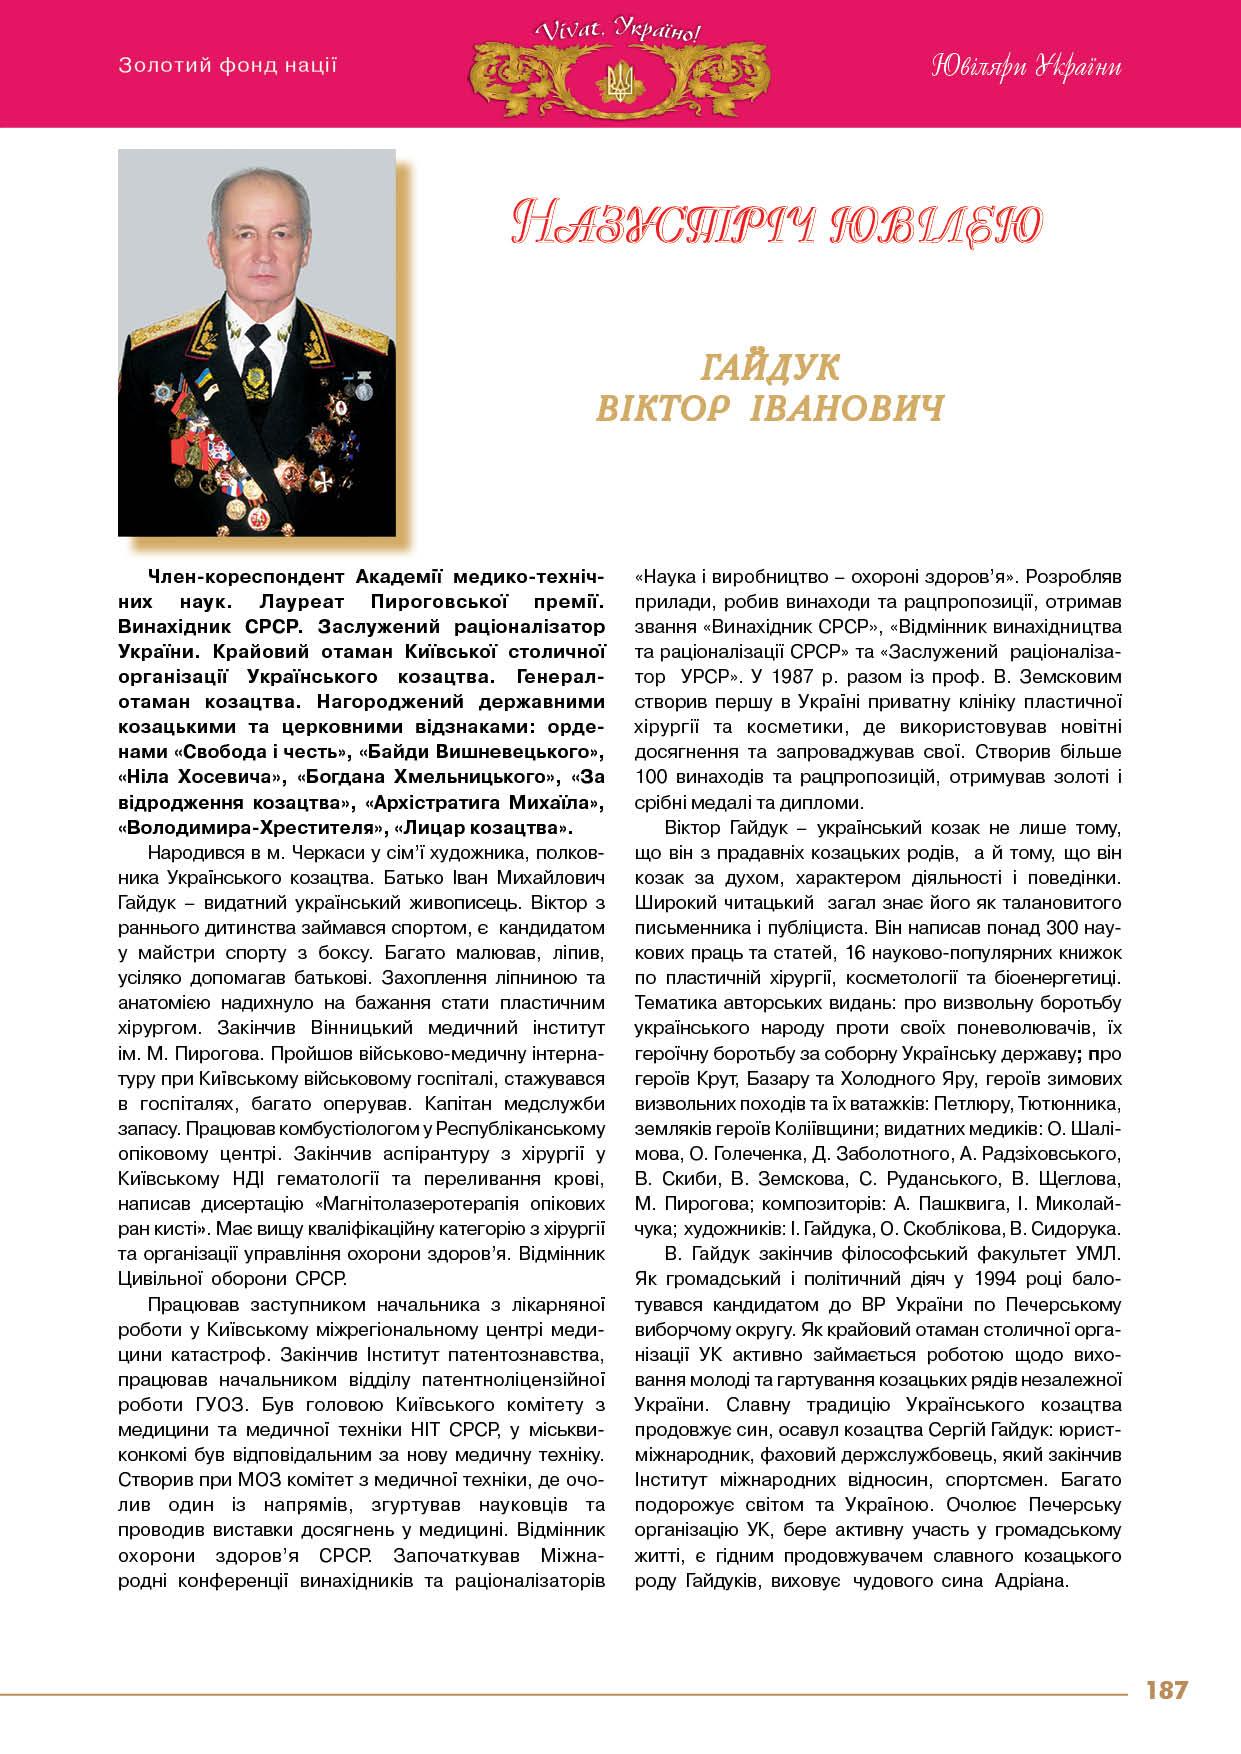 Гайдук Віктор Іванович